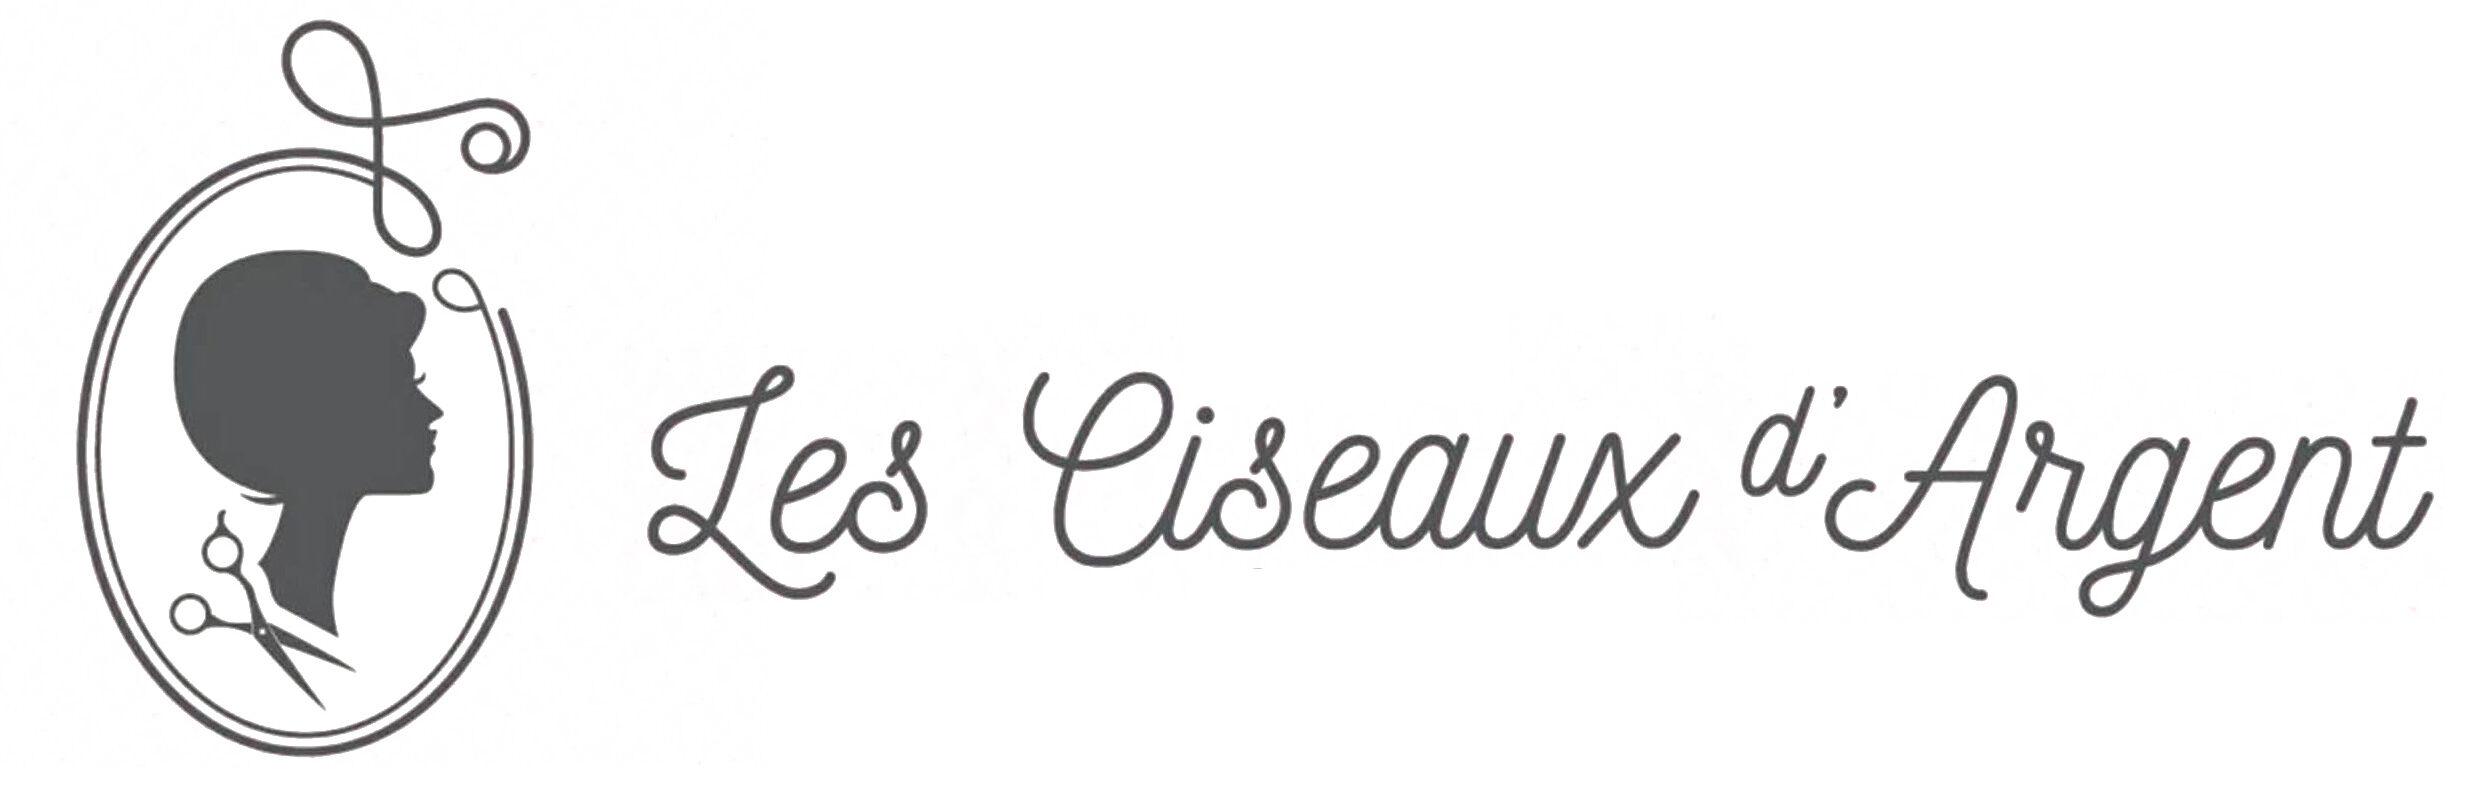 Les Ciseaux d'Argent